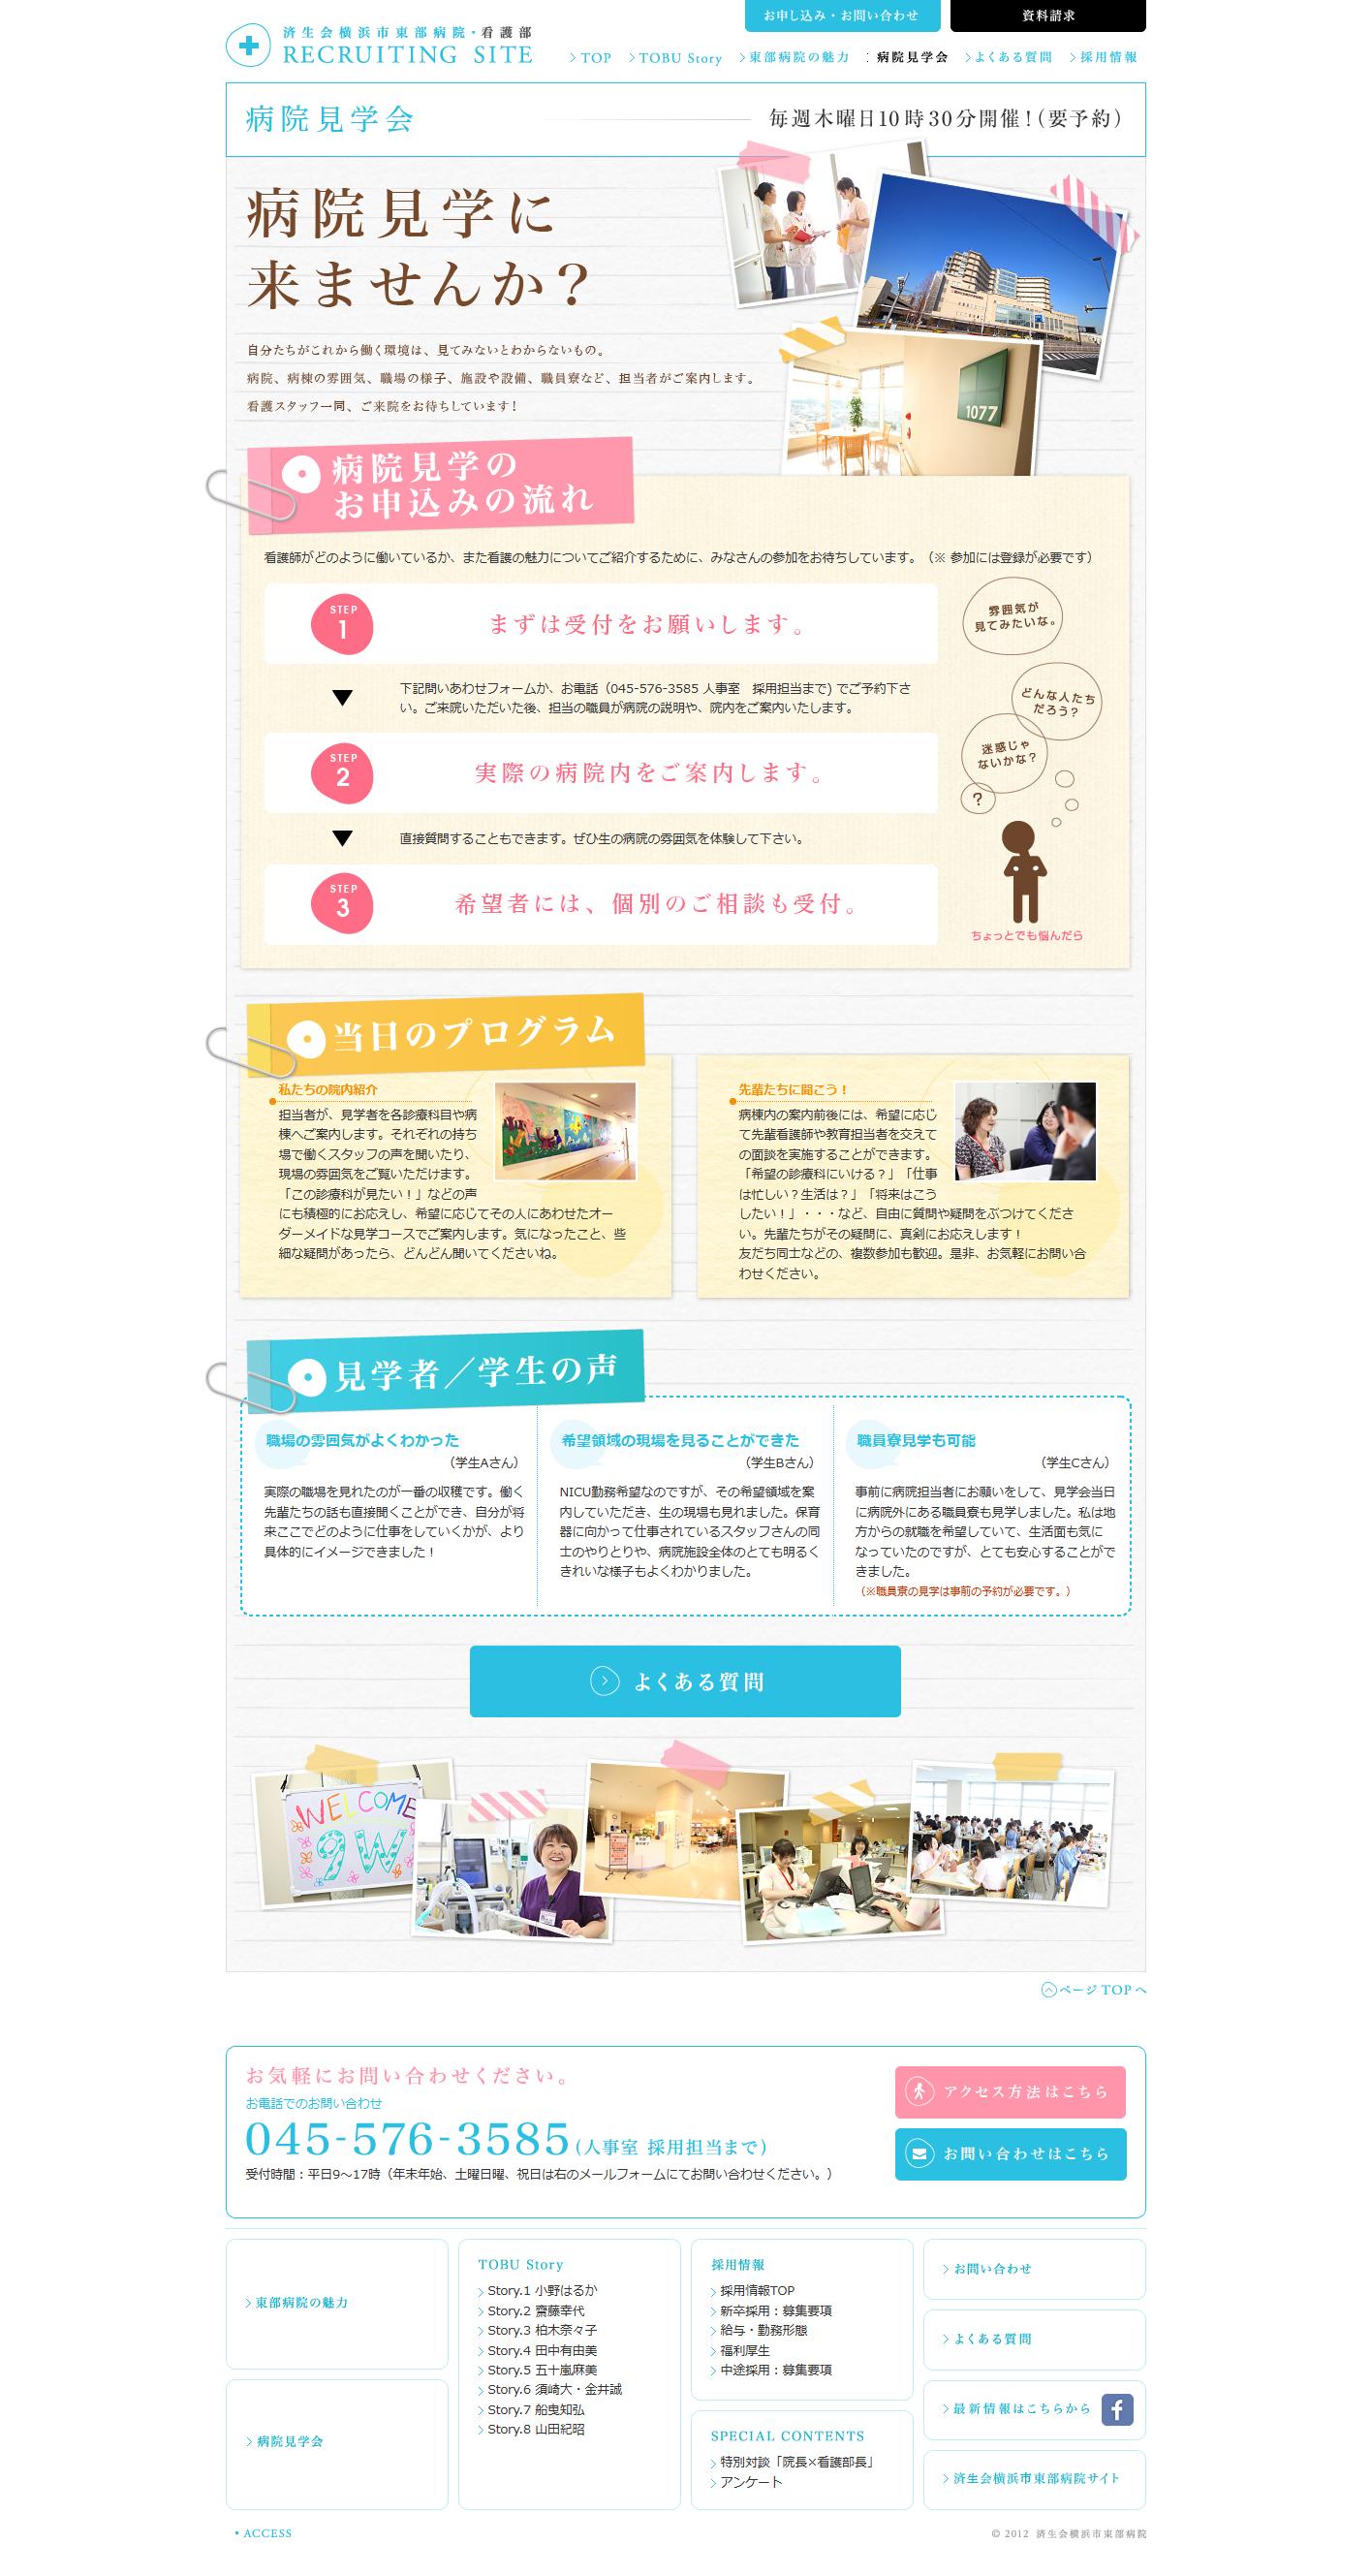 病院見学会 済生会横浜市東部病院 看護部 看護師求人情報 デザインすごく頭使ってエレメントを作って使っている 病院 企業パンフレット パンフレット